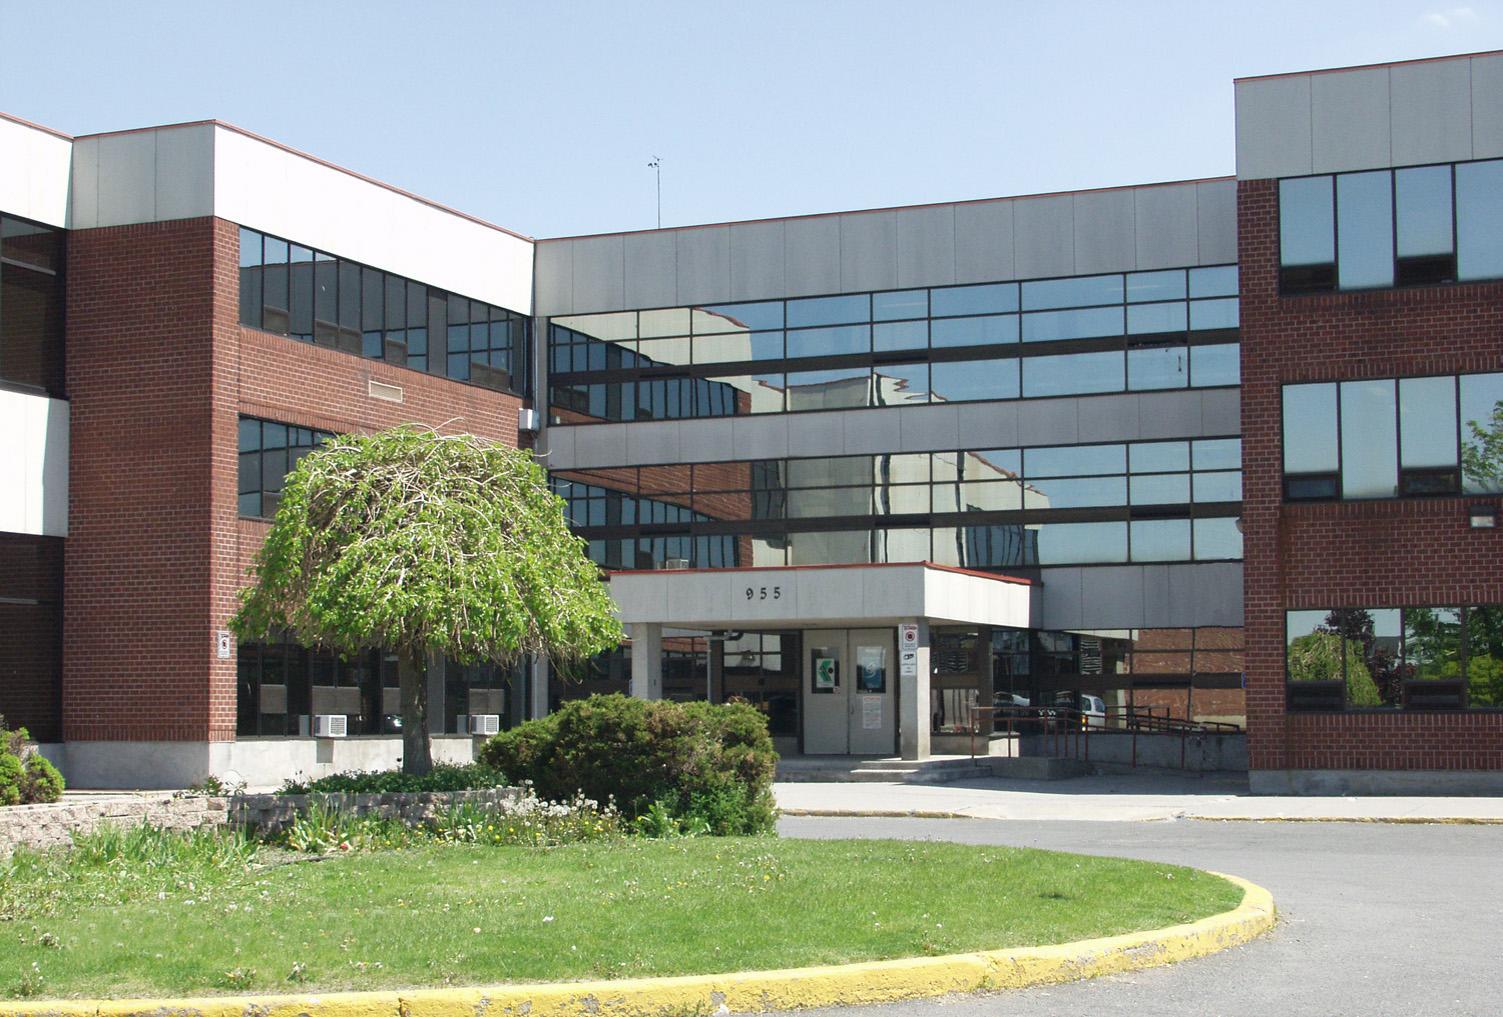 Près de 700 M$ pour les écoles de la Montérégie mais rien pour le territoire de la MRC